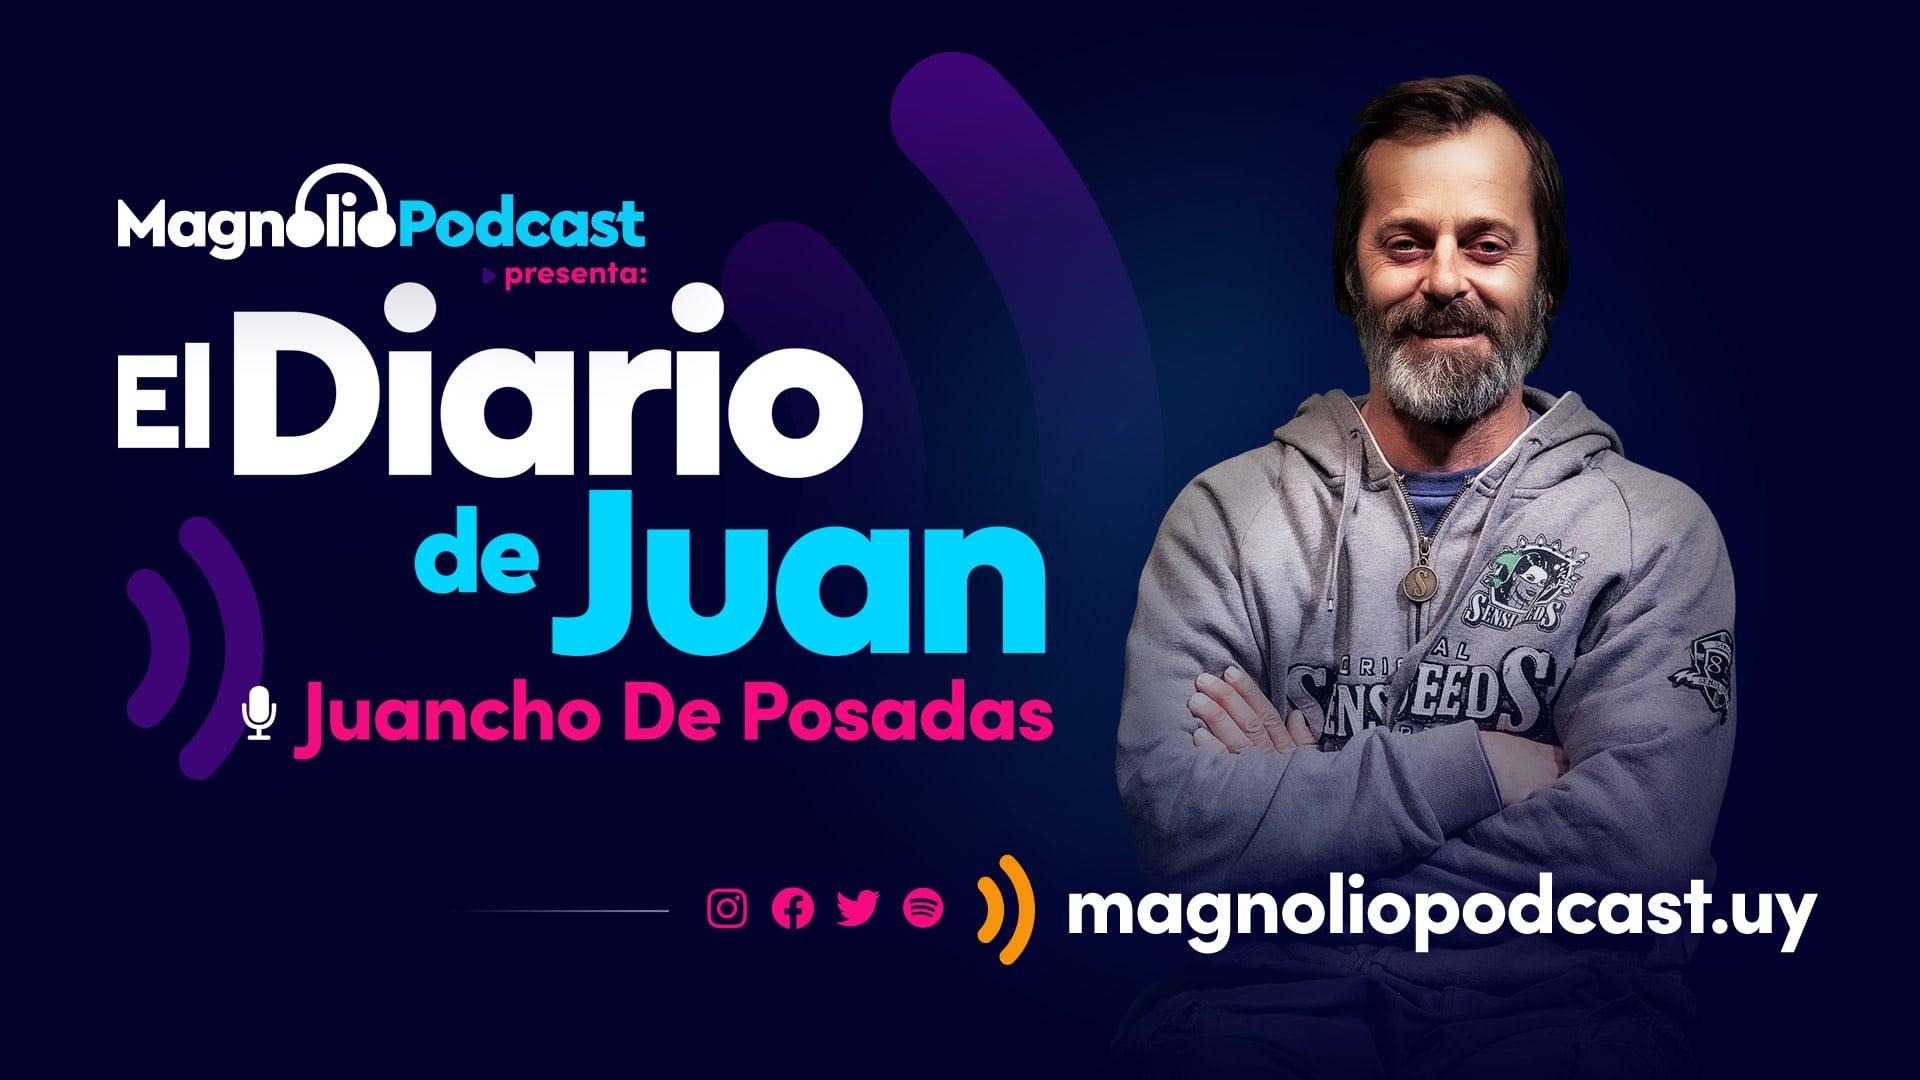 El diario de Juan -  Juancho De Posadas